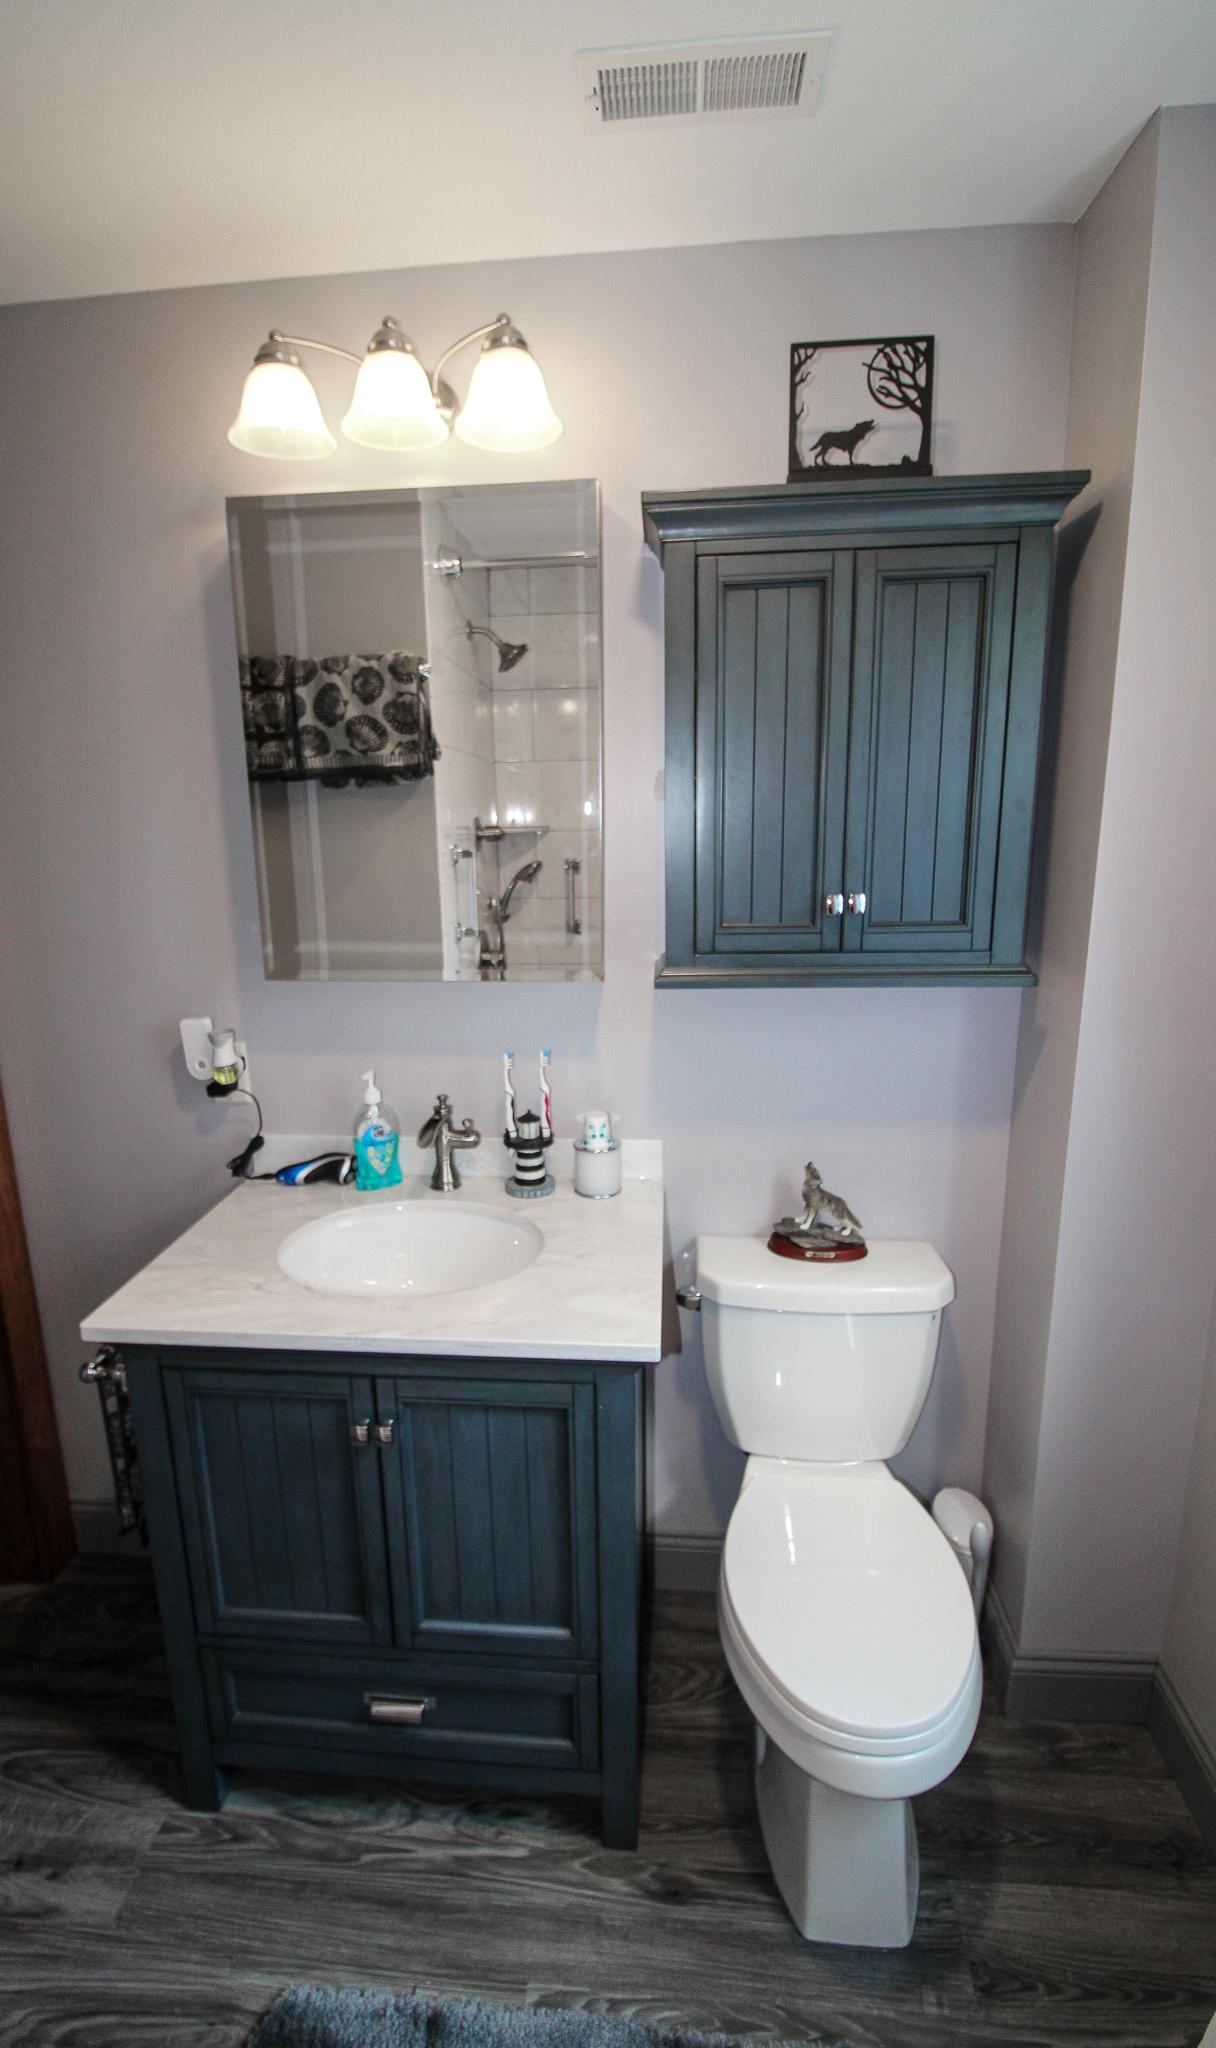 Bathroom Remodeling Contractors In Buffalo Ny Ivy Lea